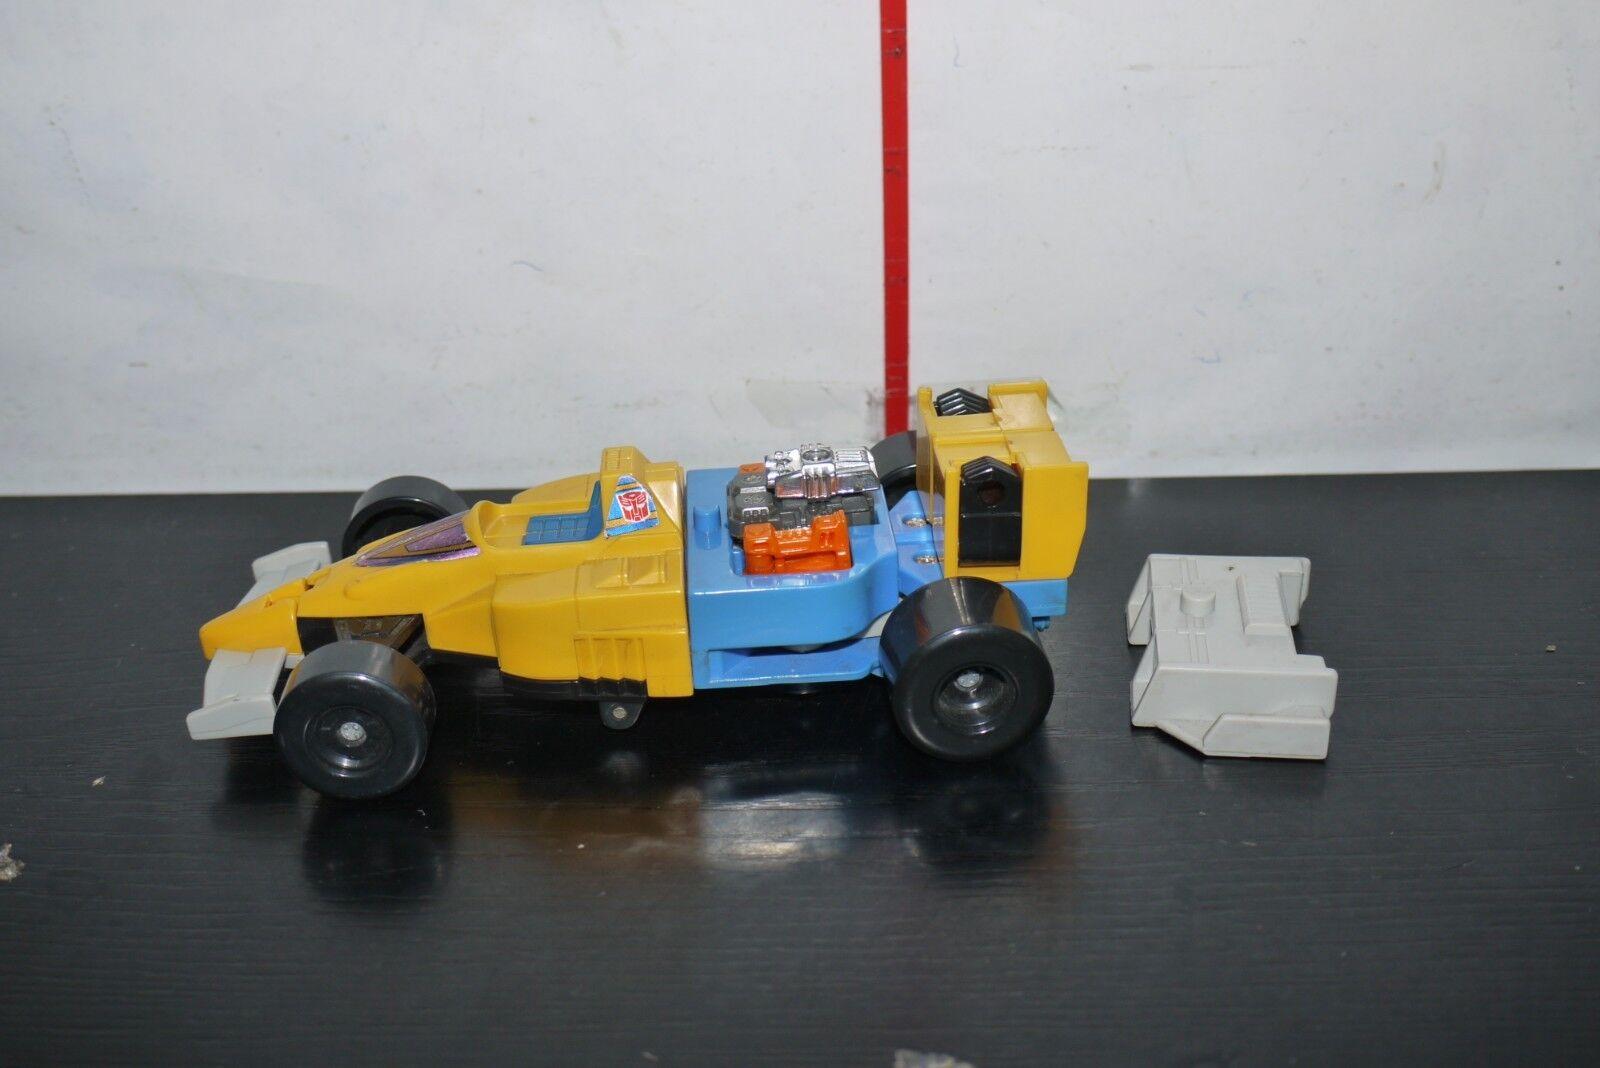 G1 transformers powermasters schludrigen abbildung unvollständig